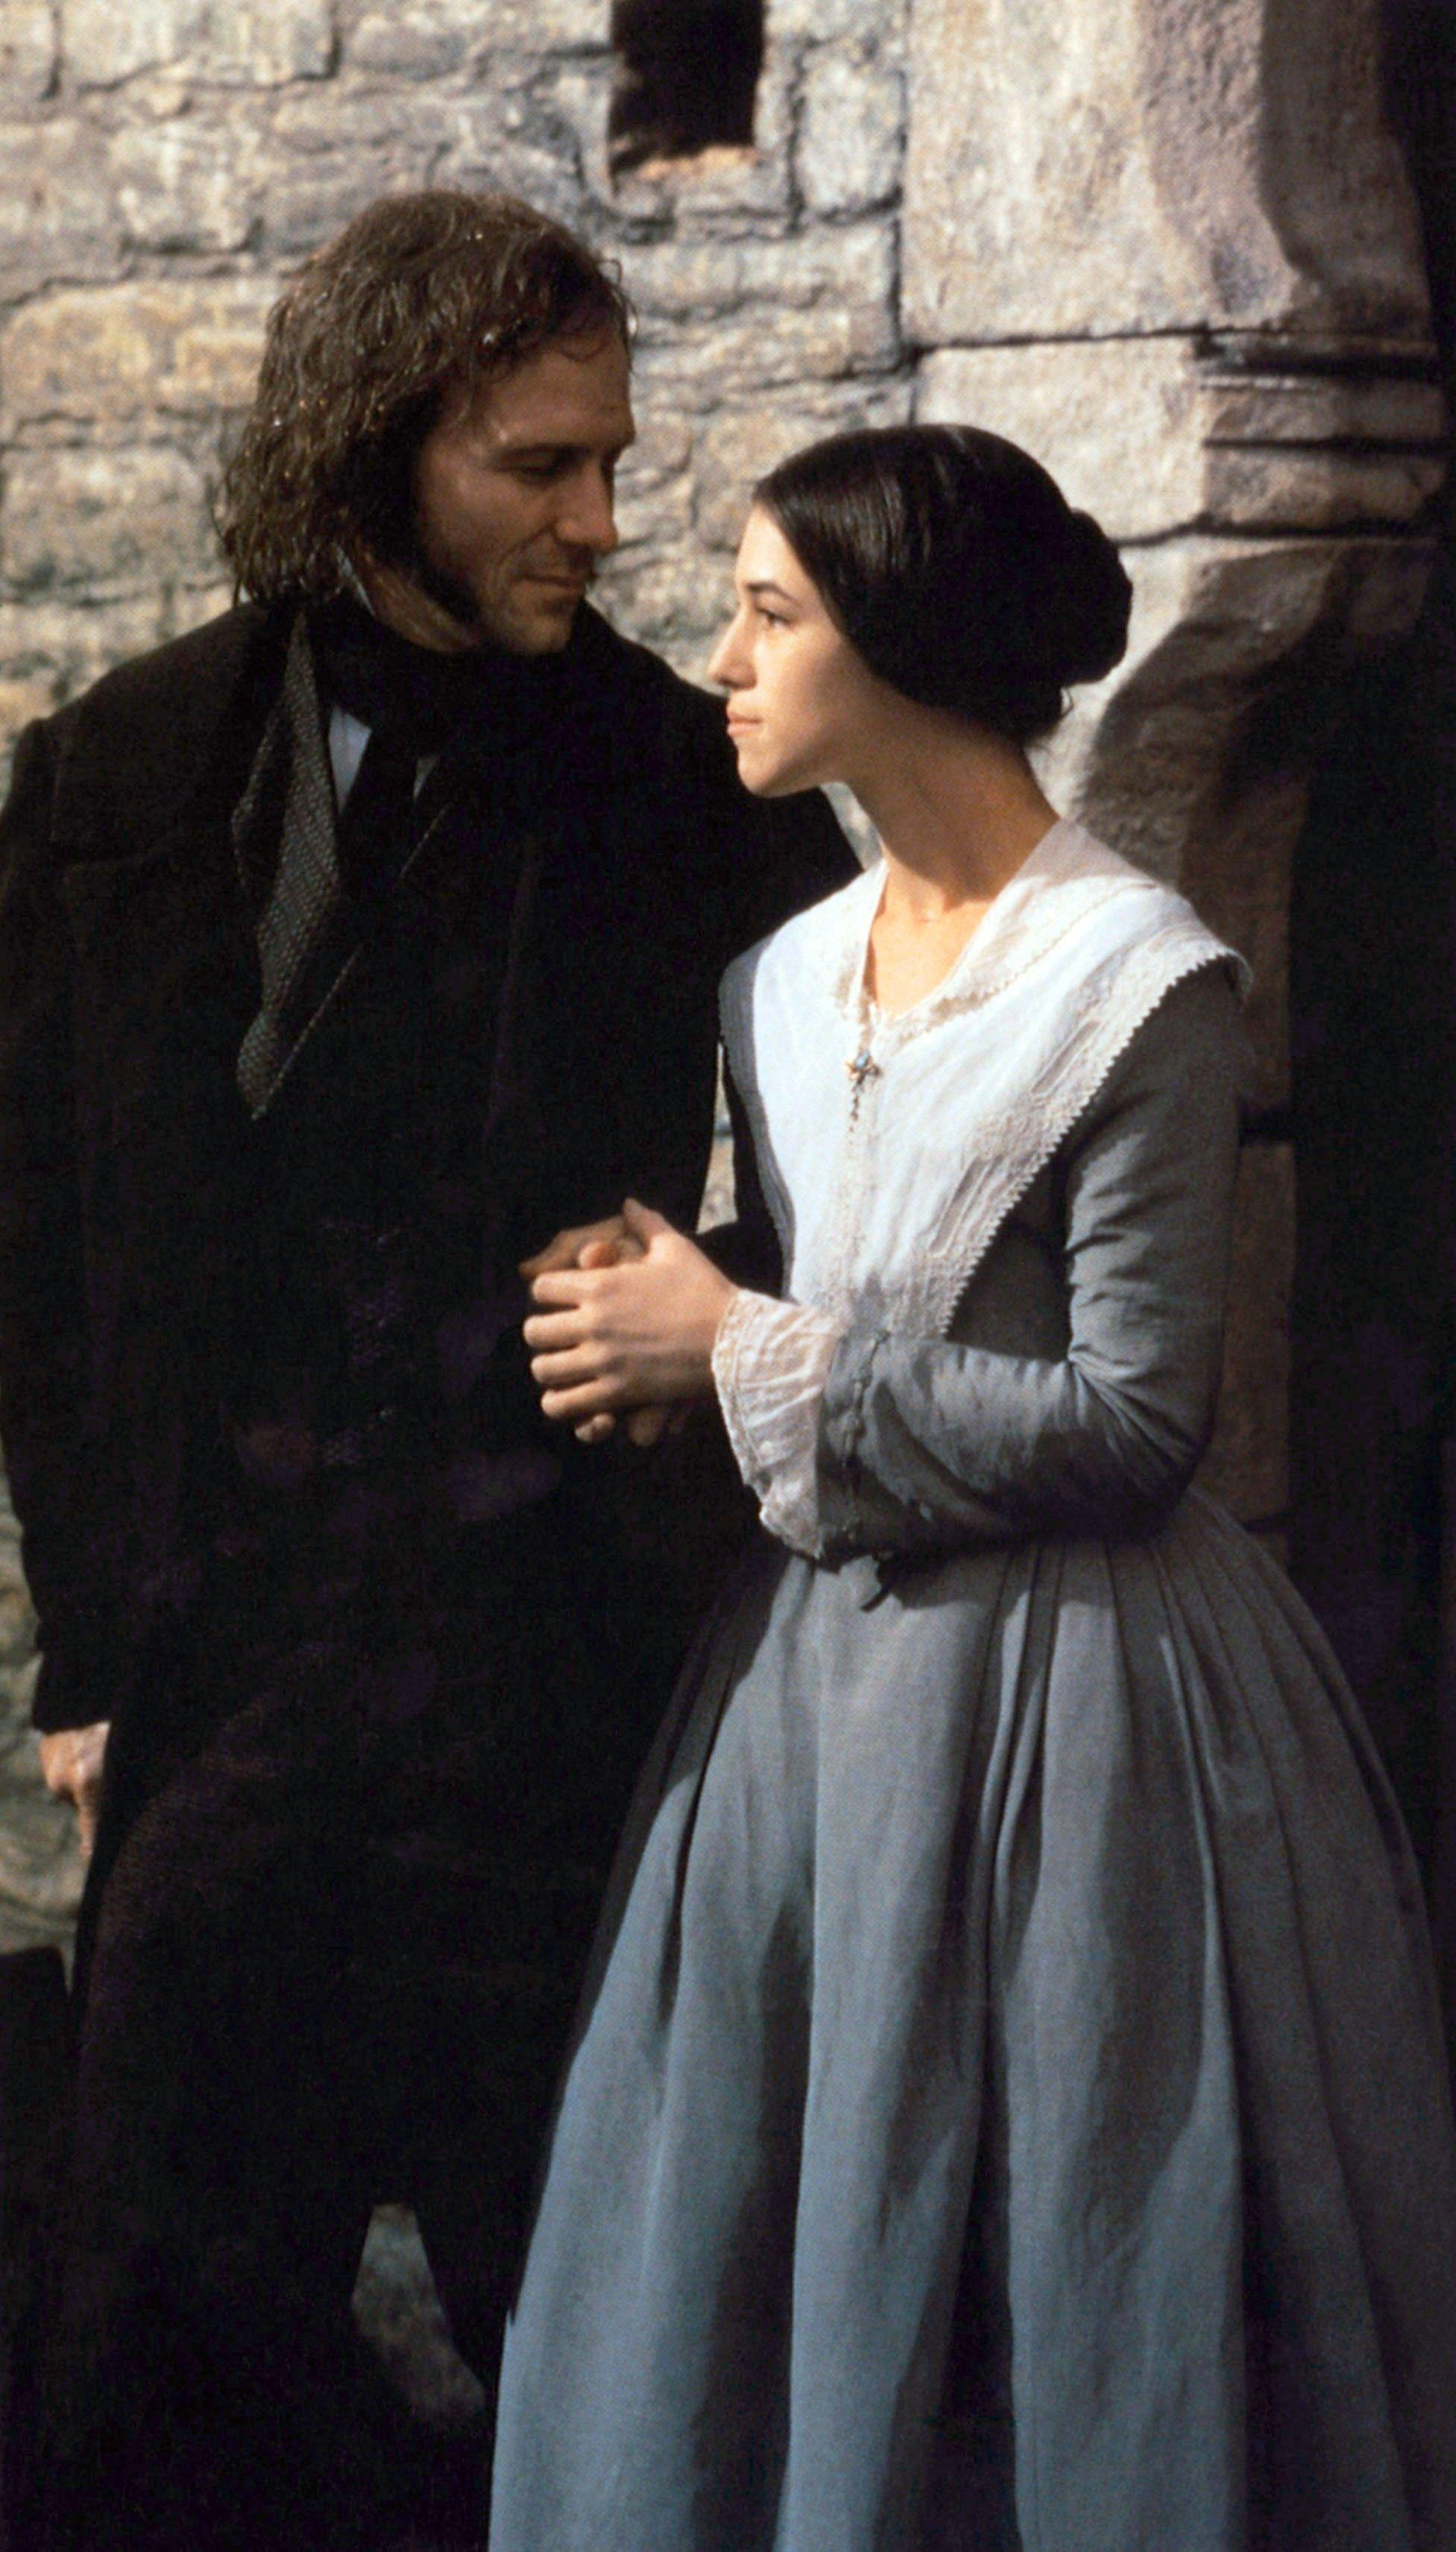 Jane eyre, Jane eyre 1996, Eyre